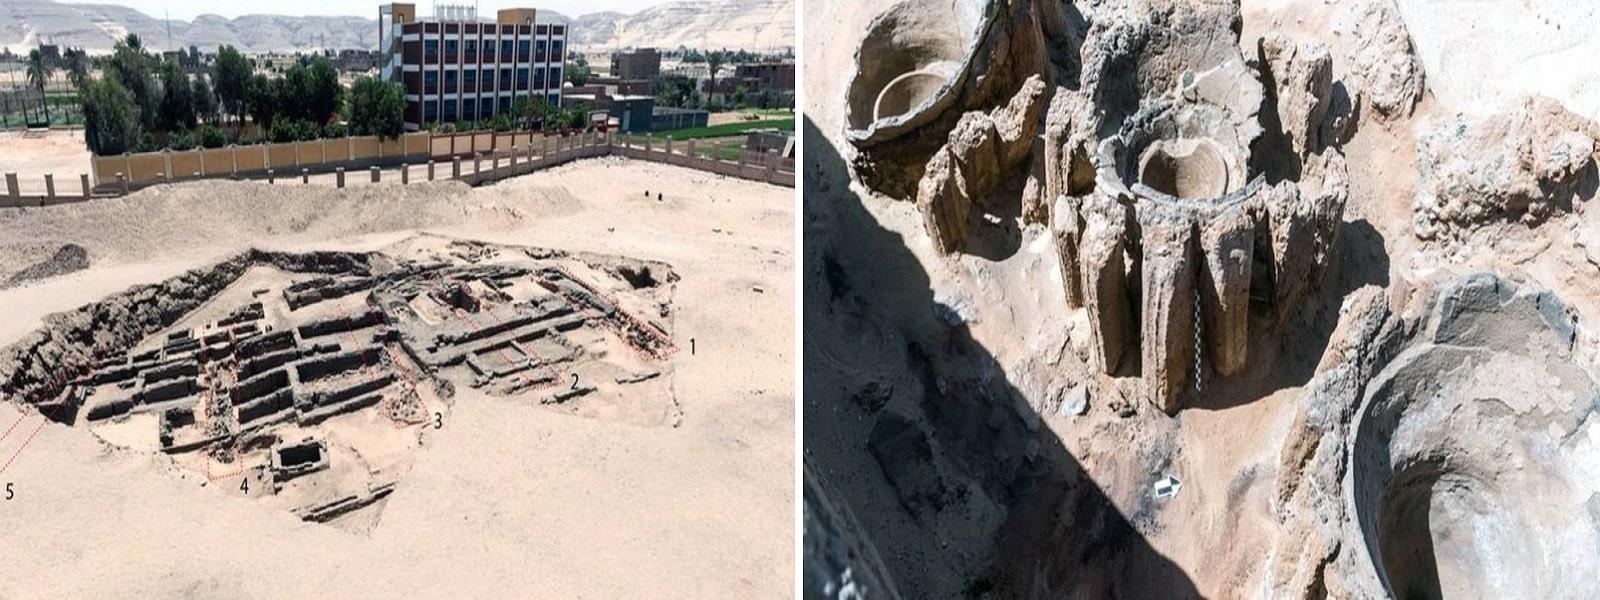 எகிப்தில் 5,000 ஆண்டுகள் பழமையான மதுபான ஆலை கண்டுபிடிப்பு